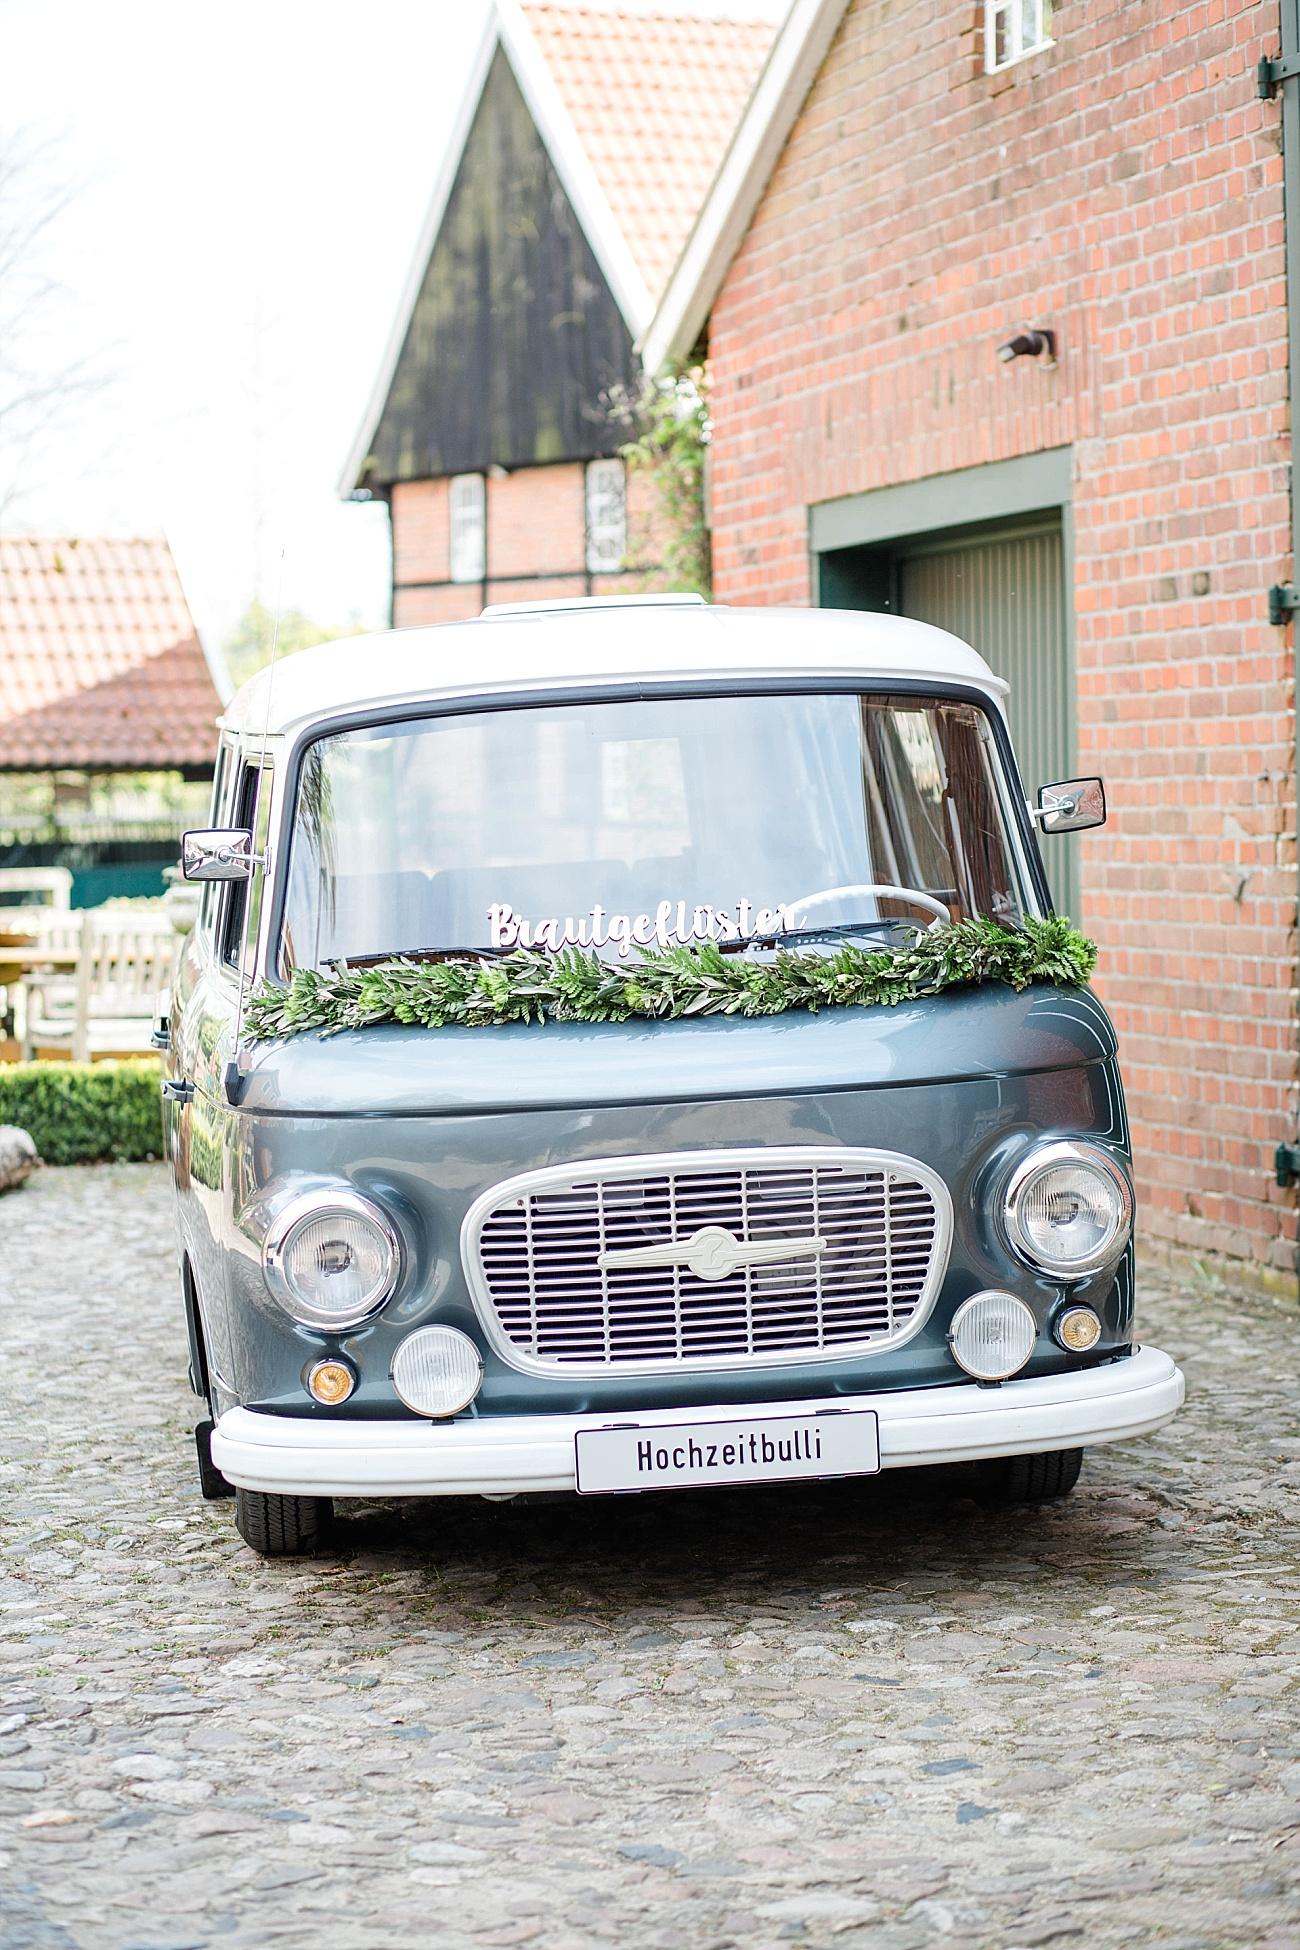 Hochzeitsbulli Hochzeitsauto